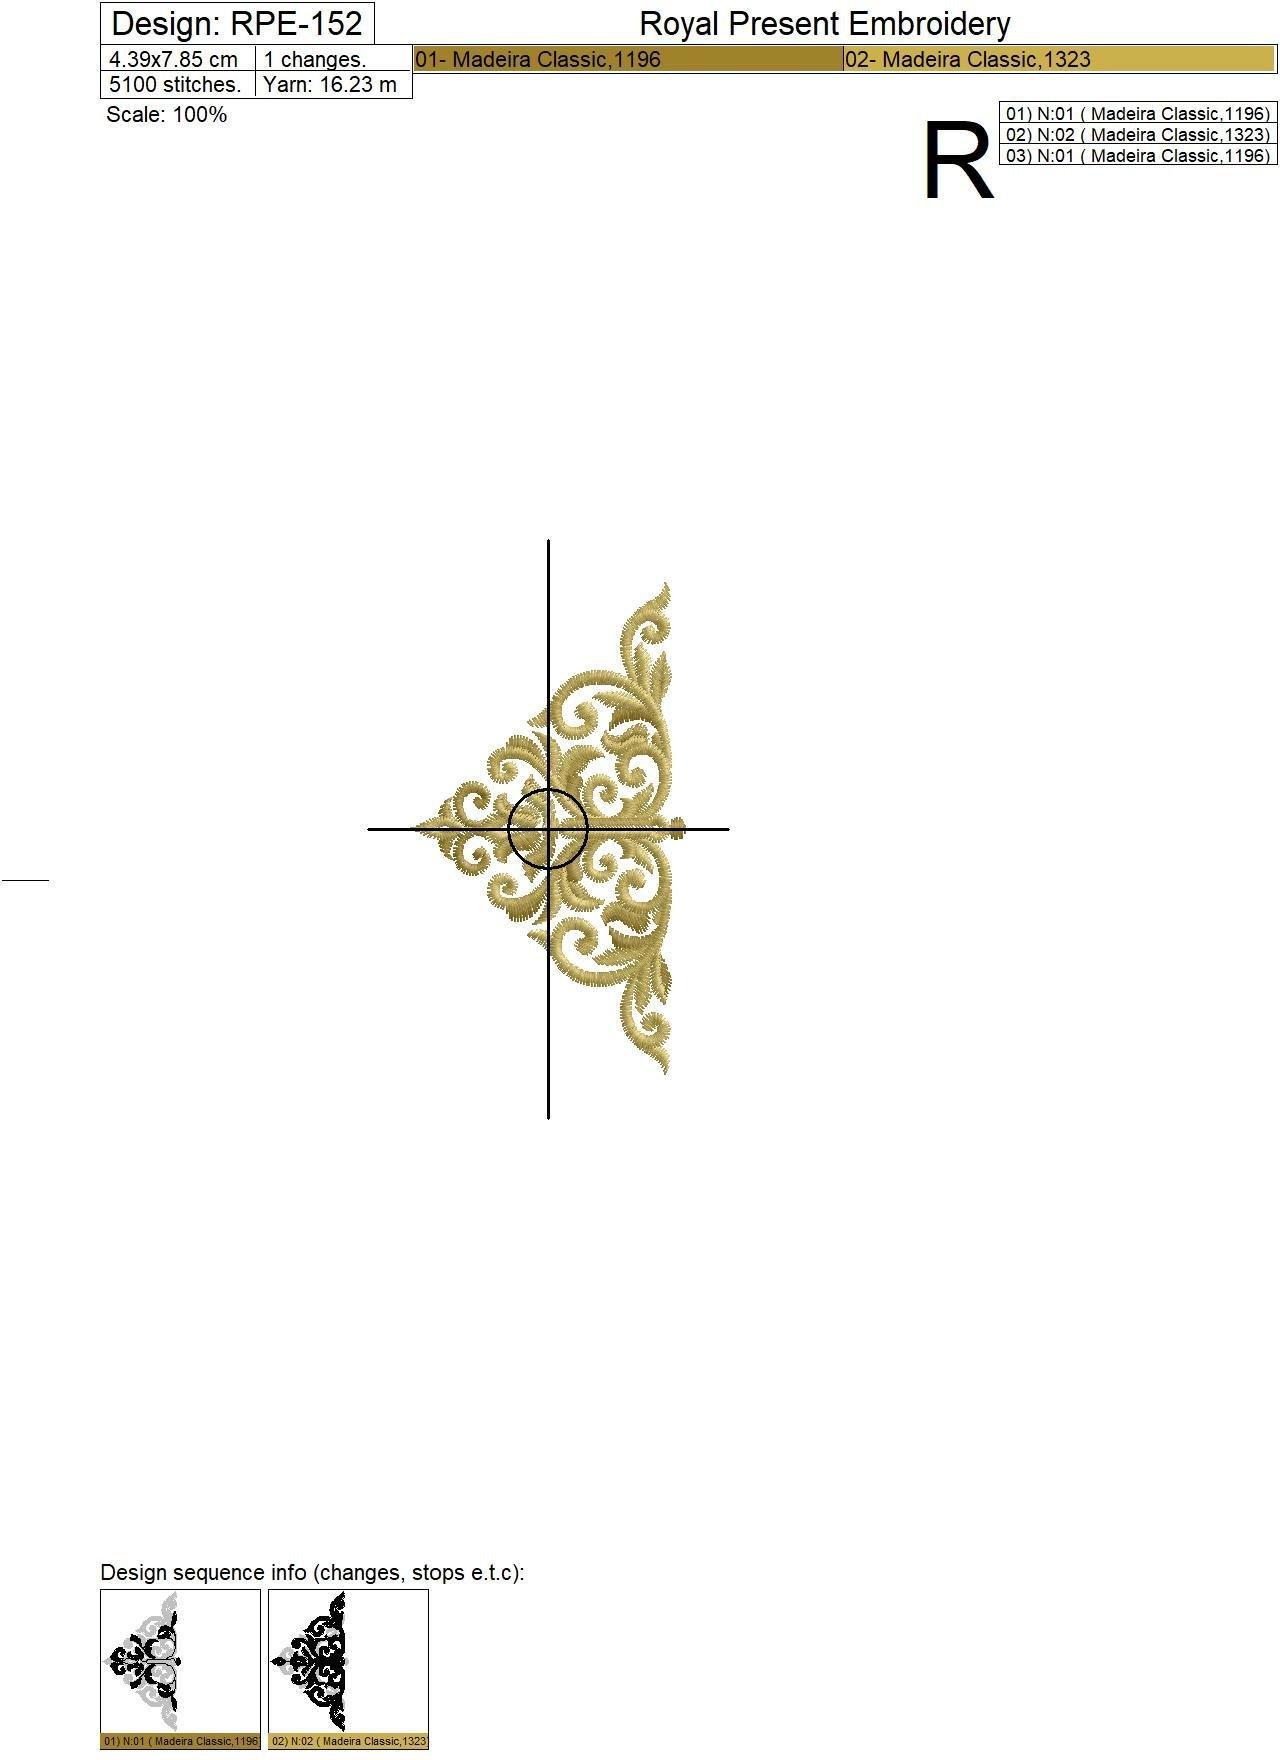 Дизайн машинной вышивки Прорезь для пуговиц барокко